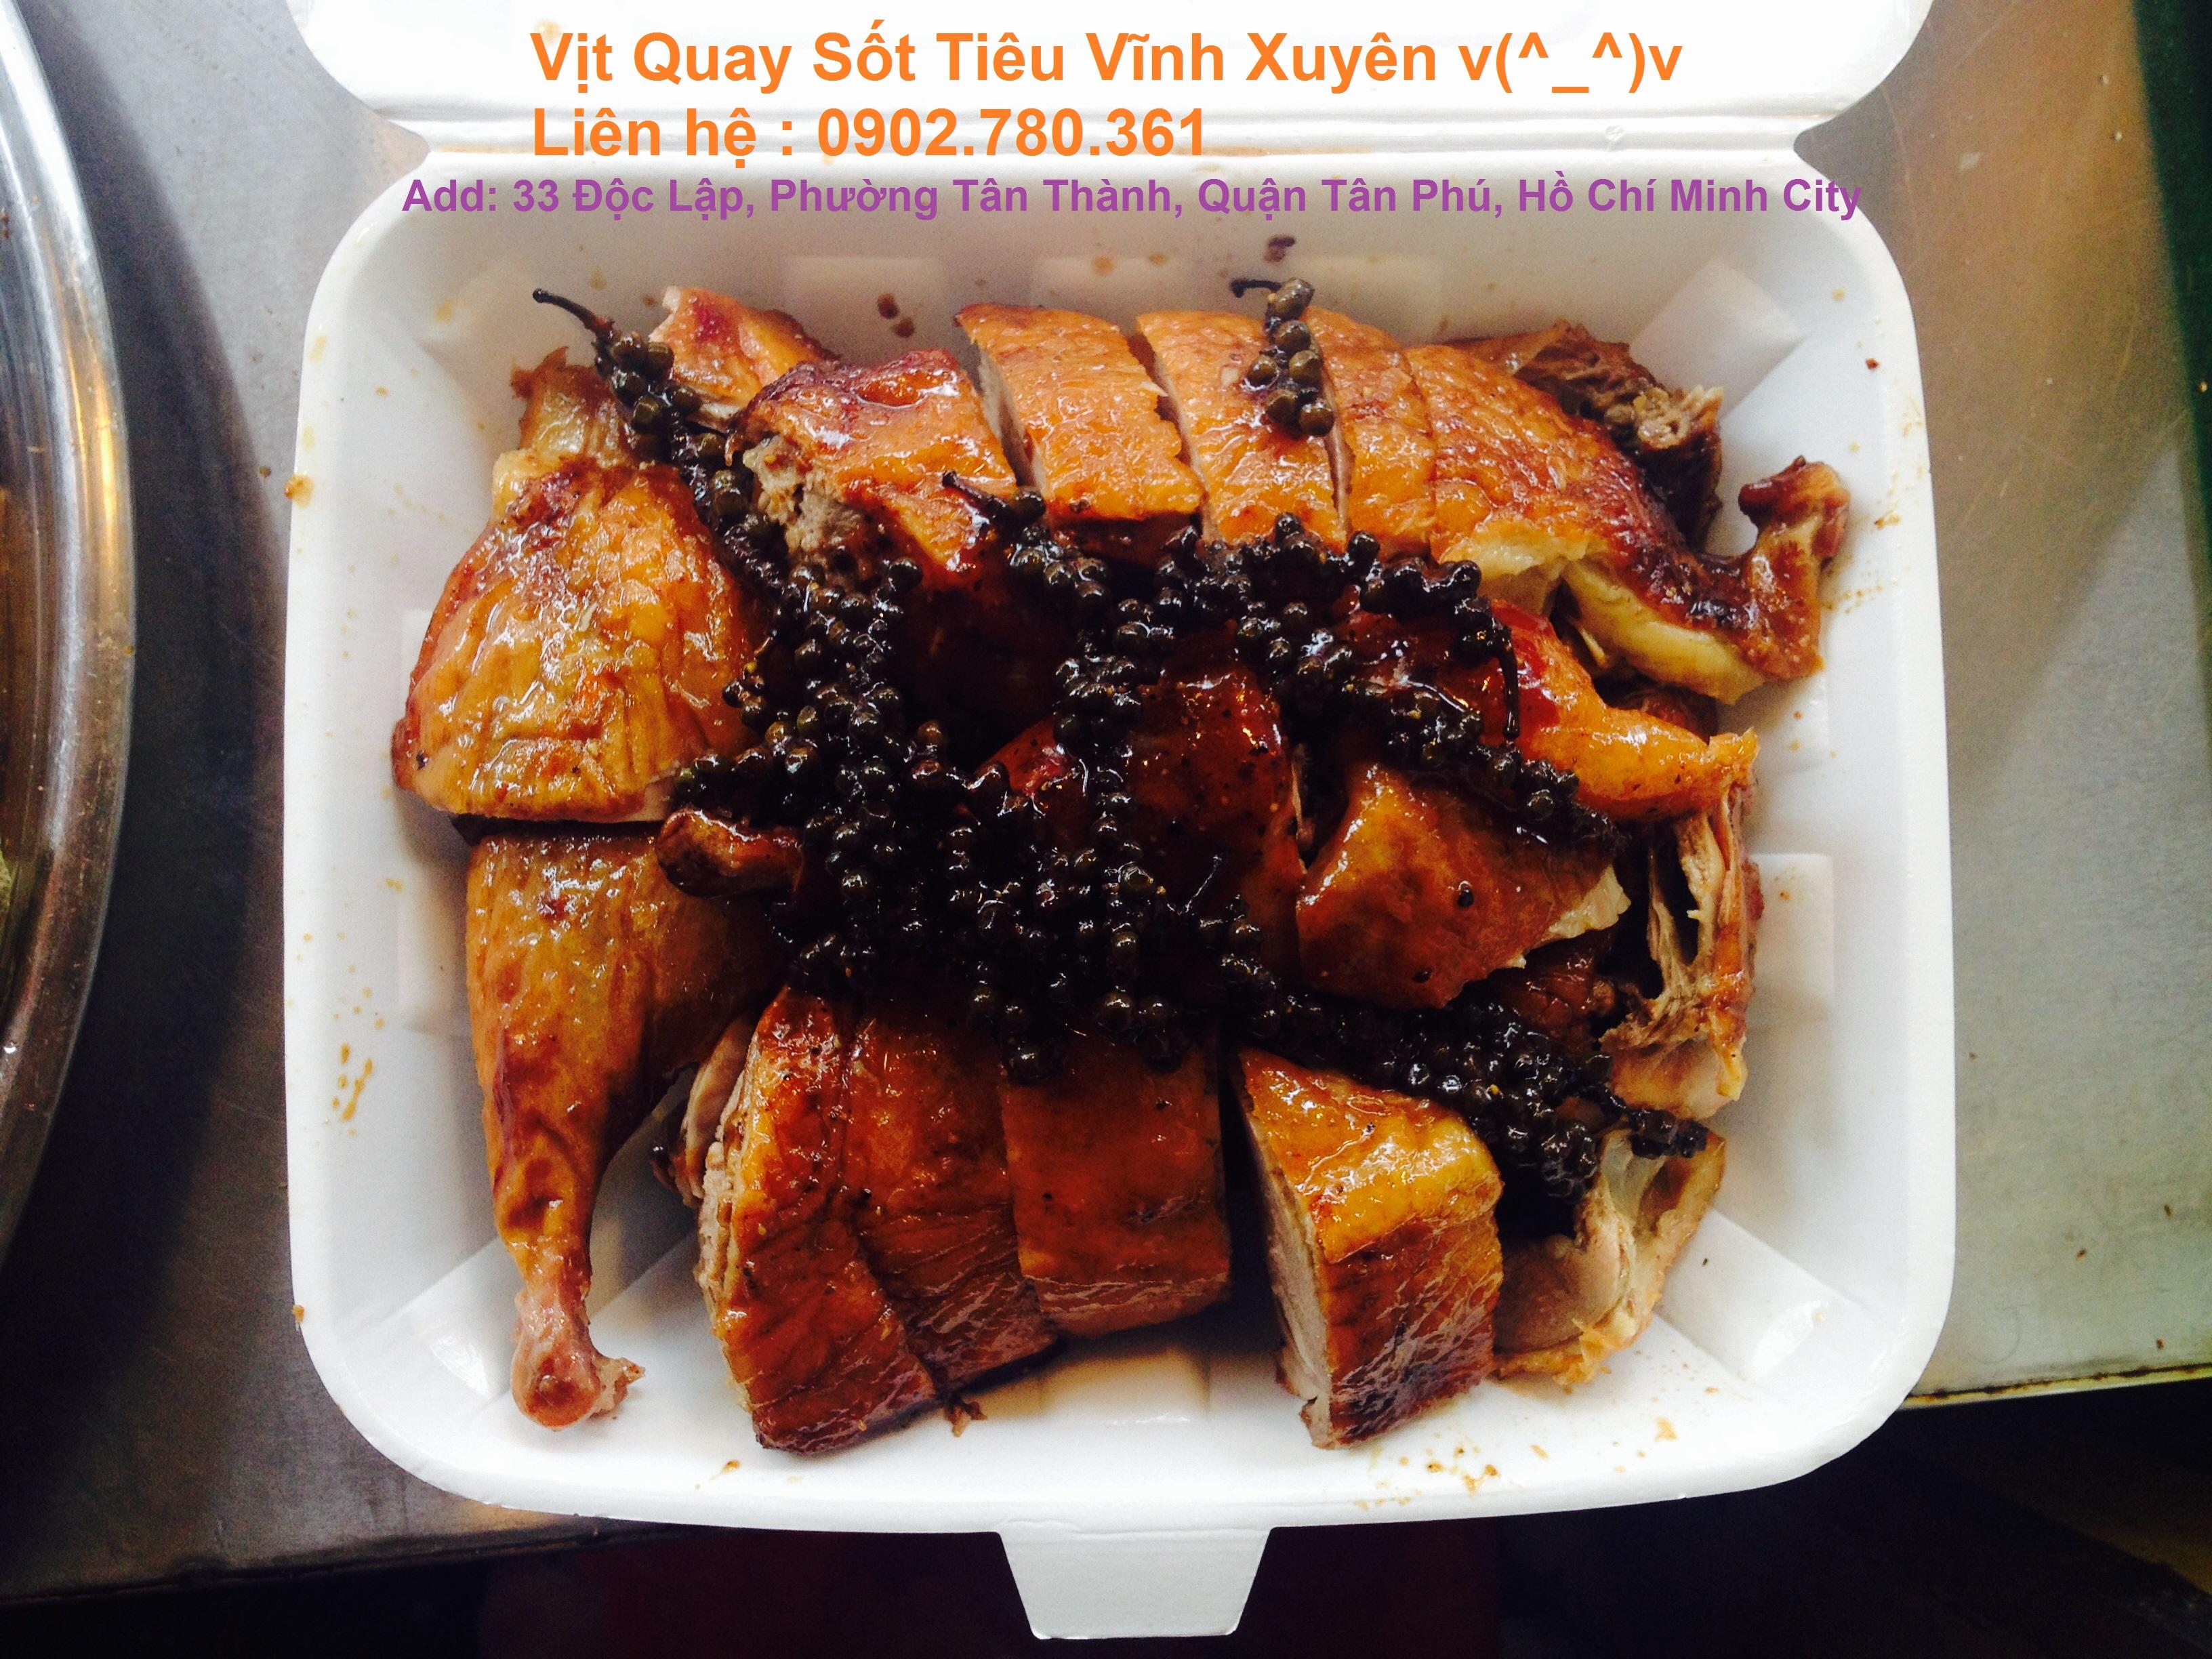 HCM_Vịt Quay Vĩnh Xuyên - 1